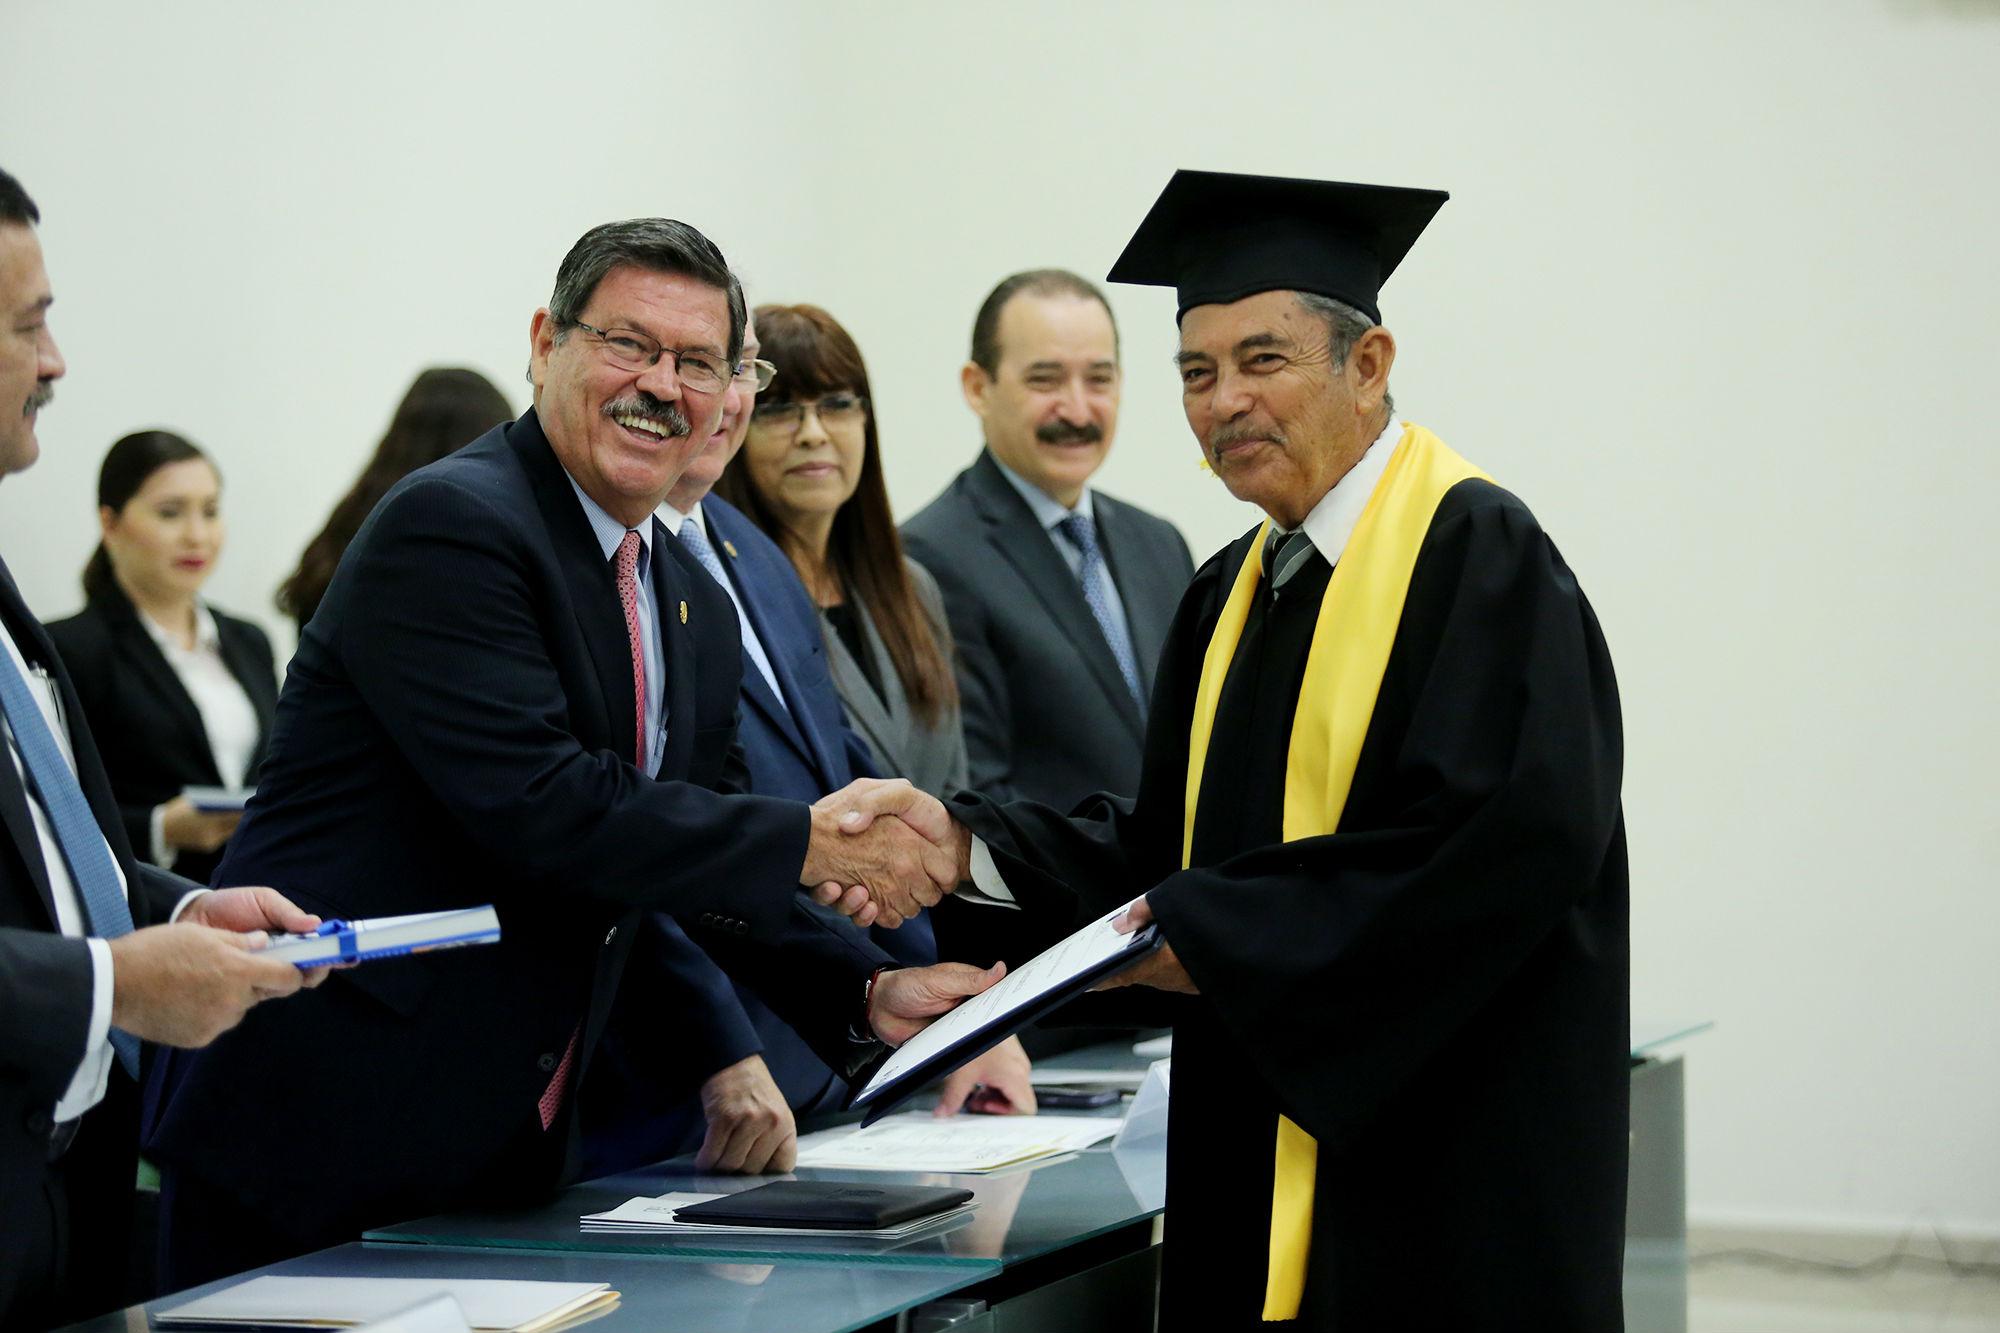 Más de cien adultos mayores se han graduado de este diplomado